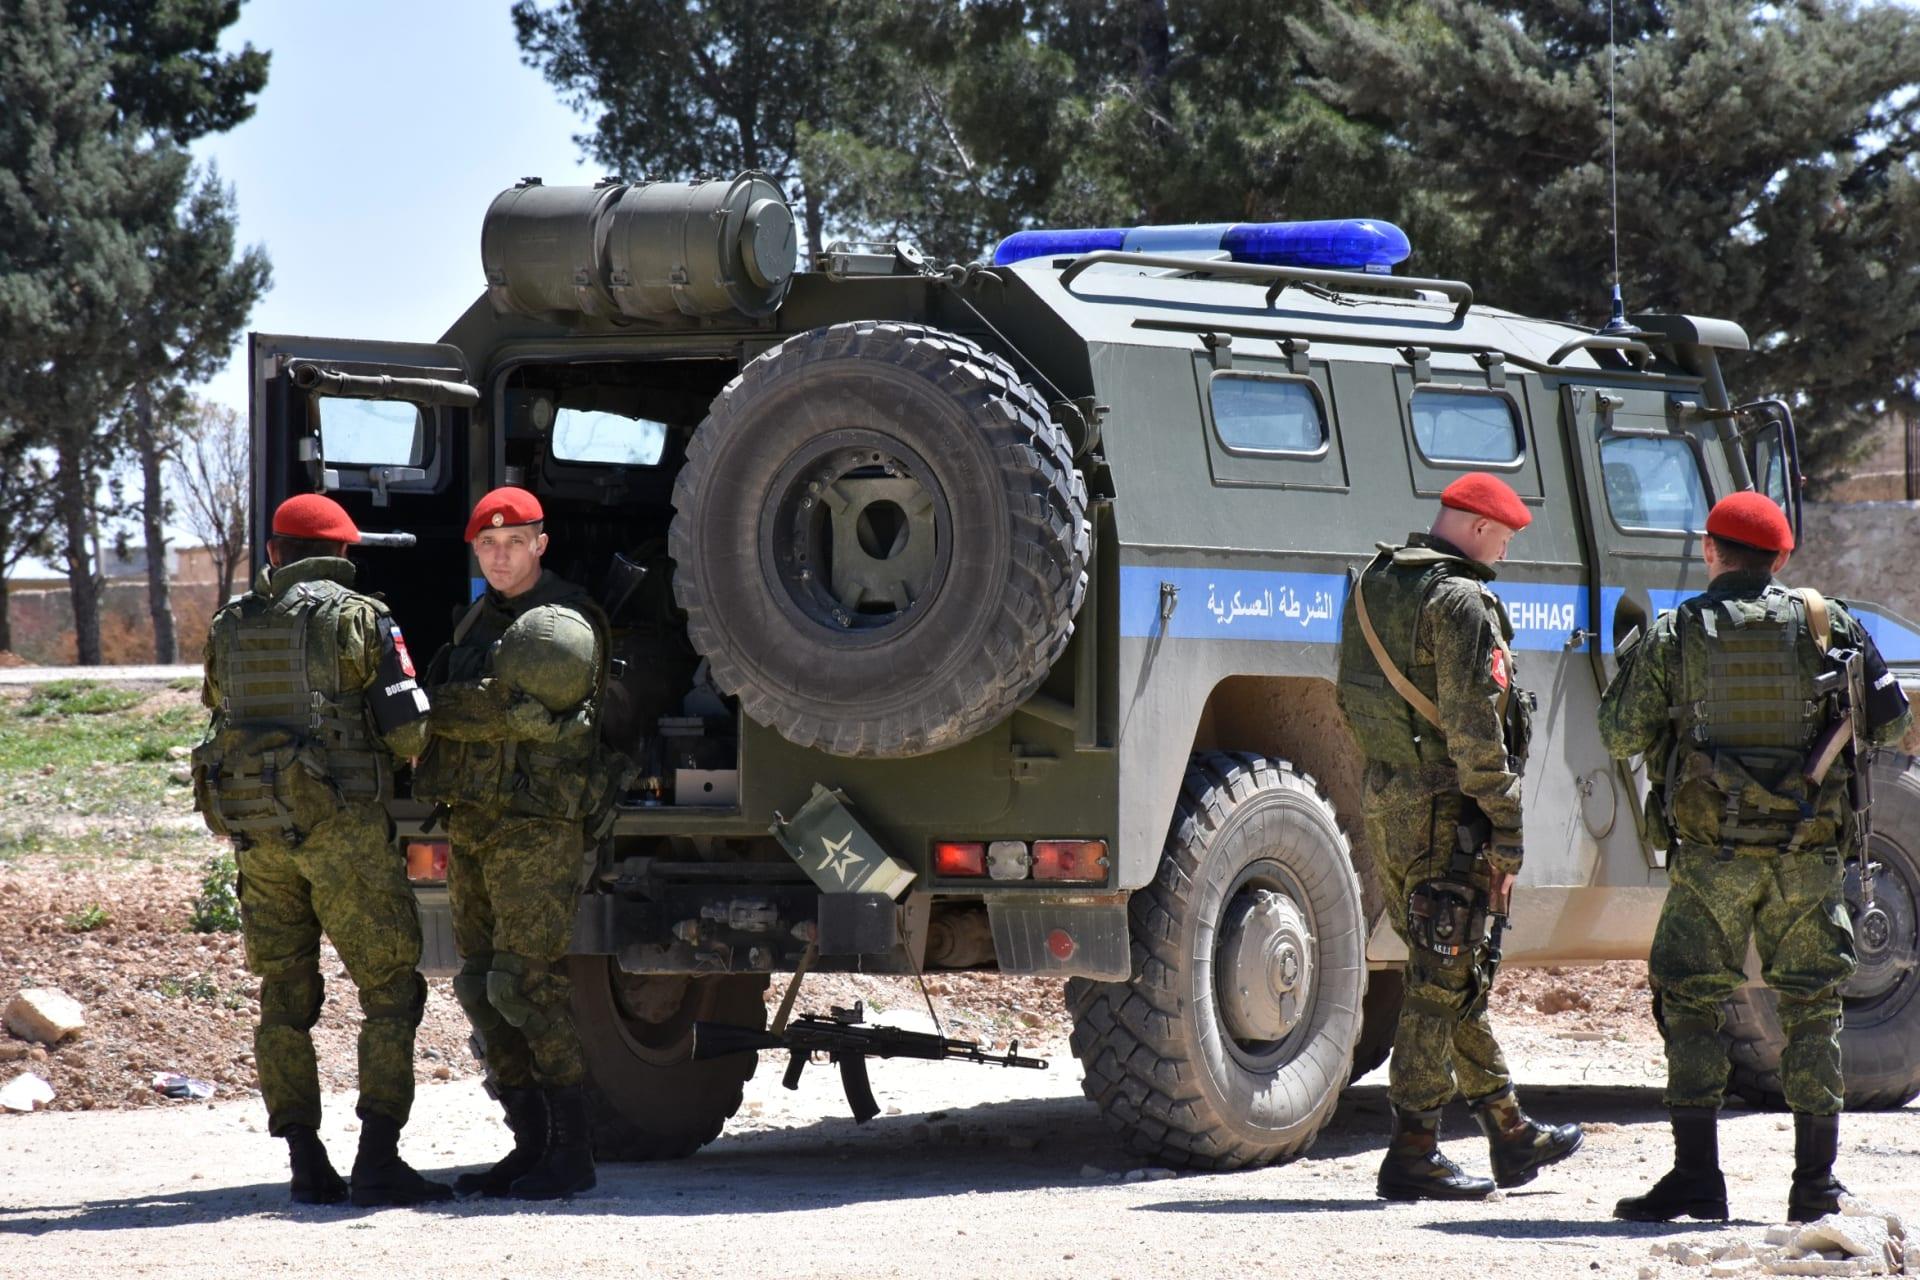 بعد قرار انسحاب أمريكا من سوريا.. روسيا والنظام يعززان قواتهما قرب منبج